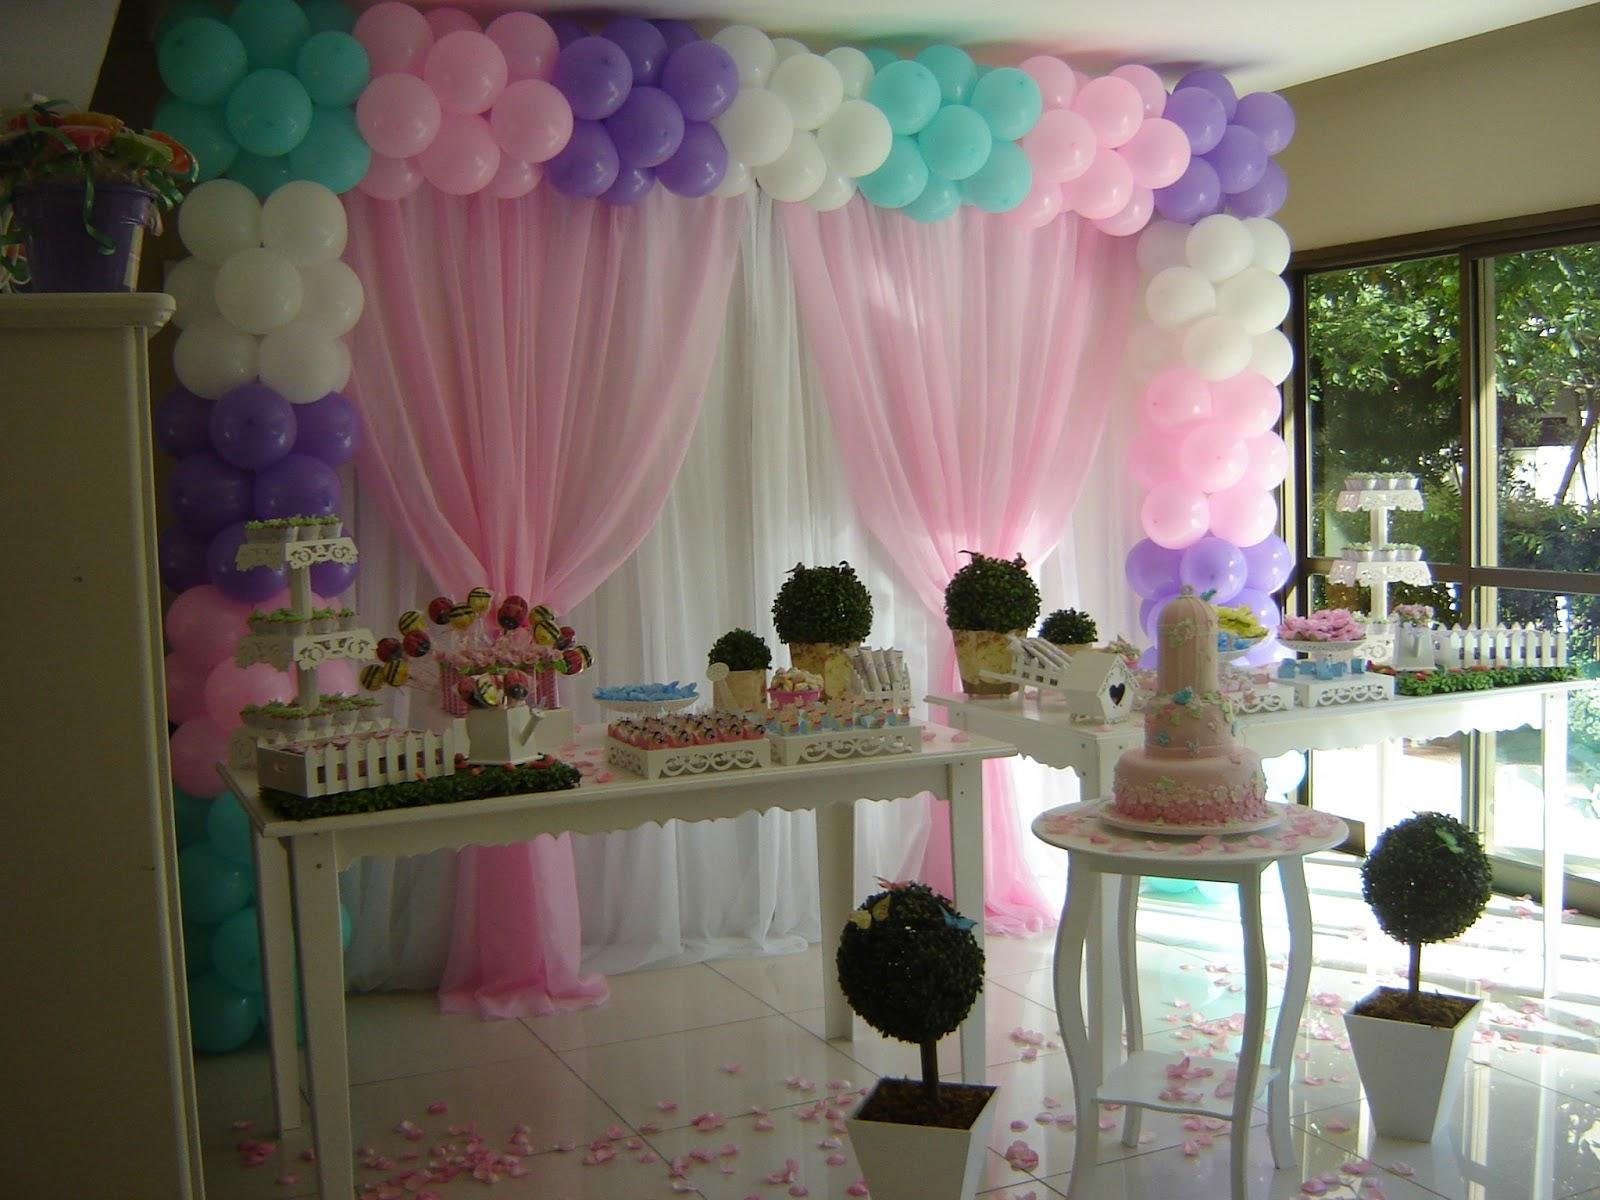 decoracao balões jardim encantado:Priscila Arte em balões: Decoração Jardim Encantado 2